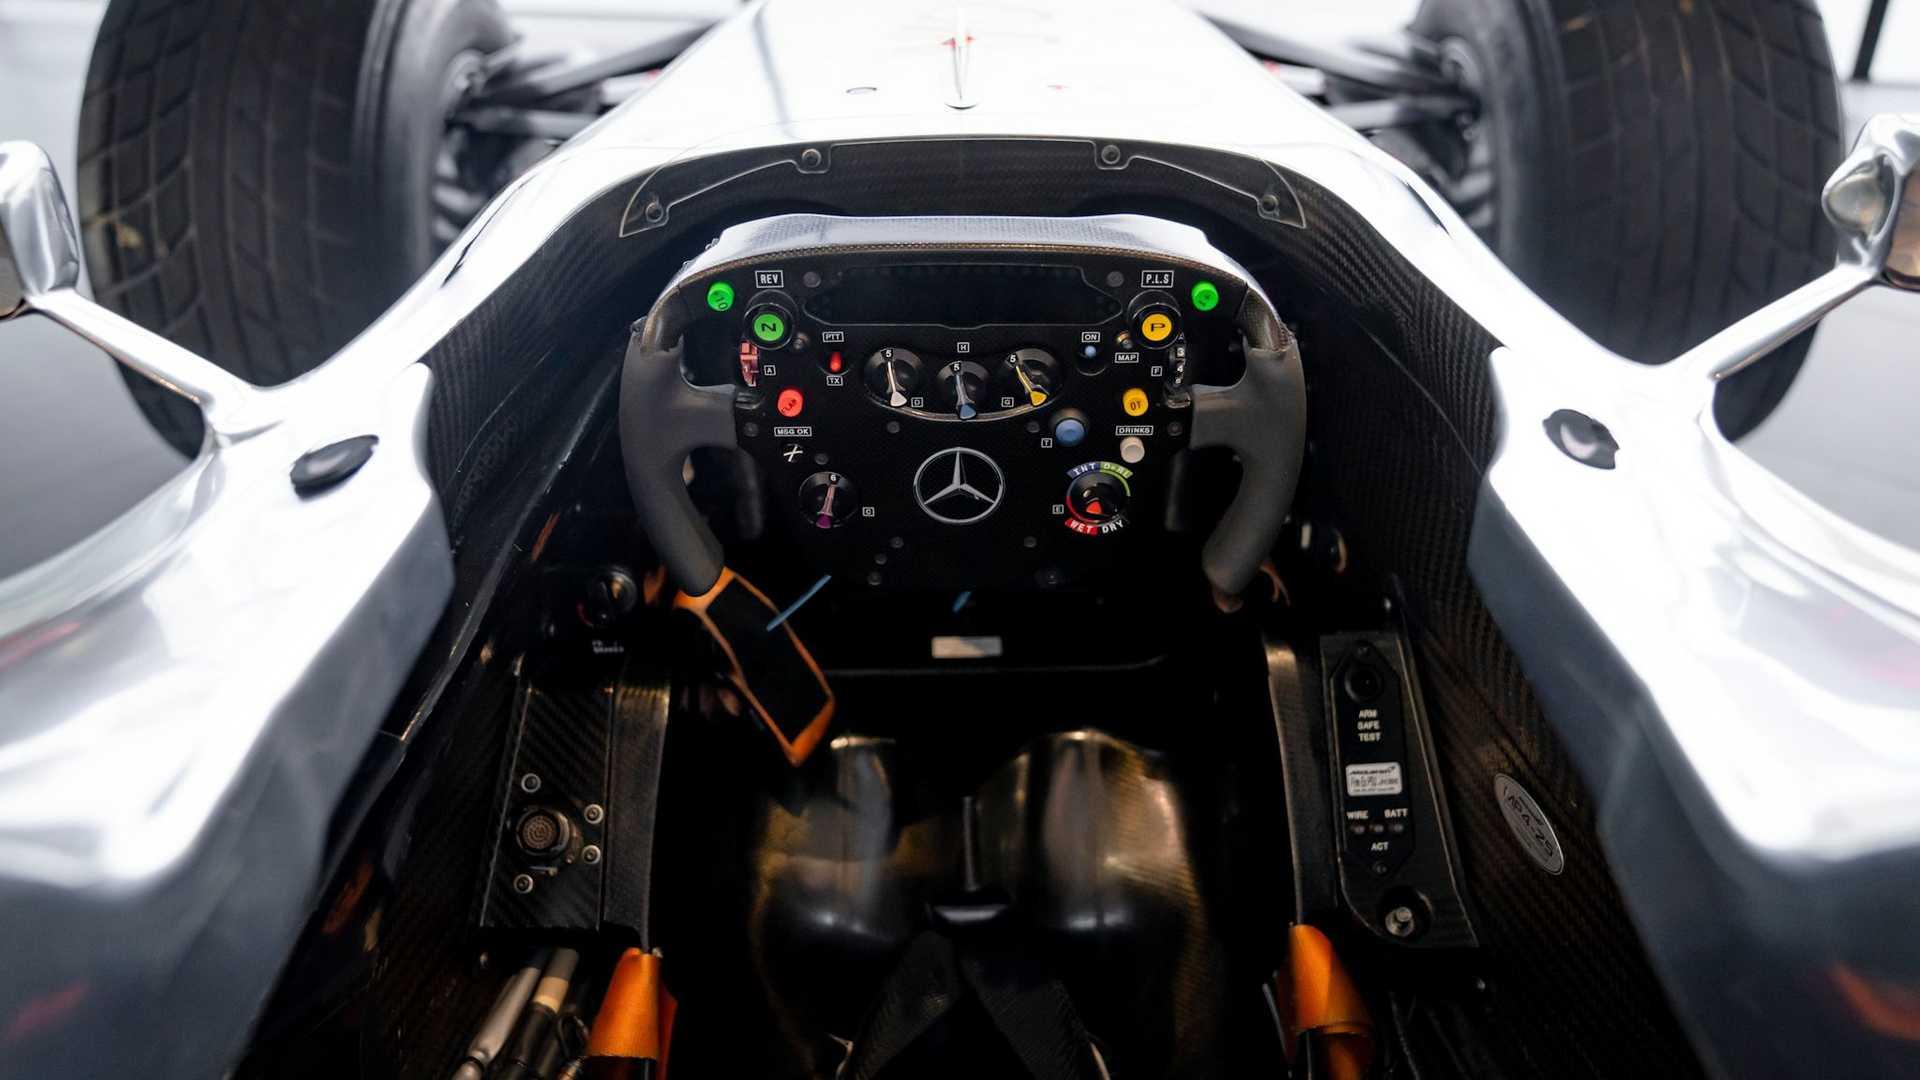 Lewis-Hamilton-McLaren-MP4-25A-auction-7